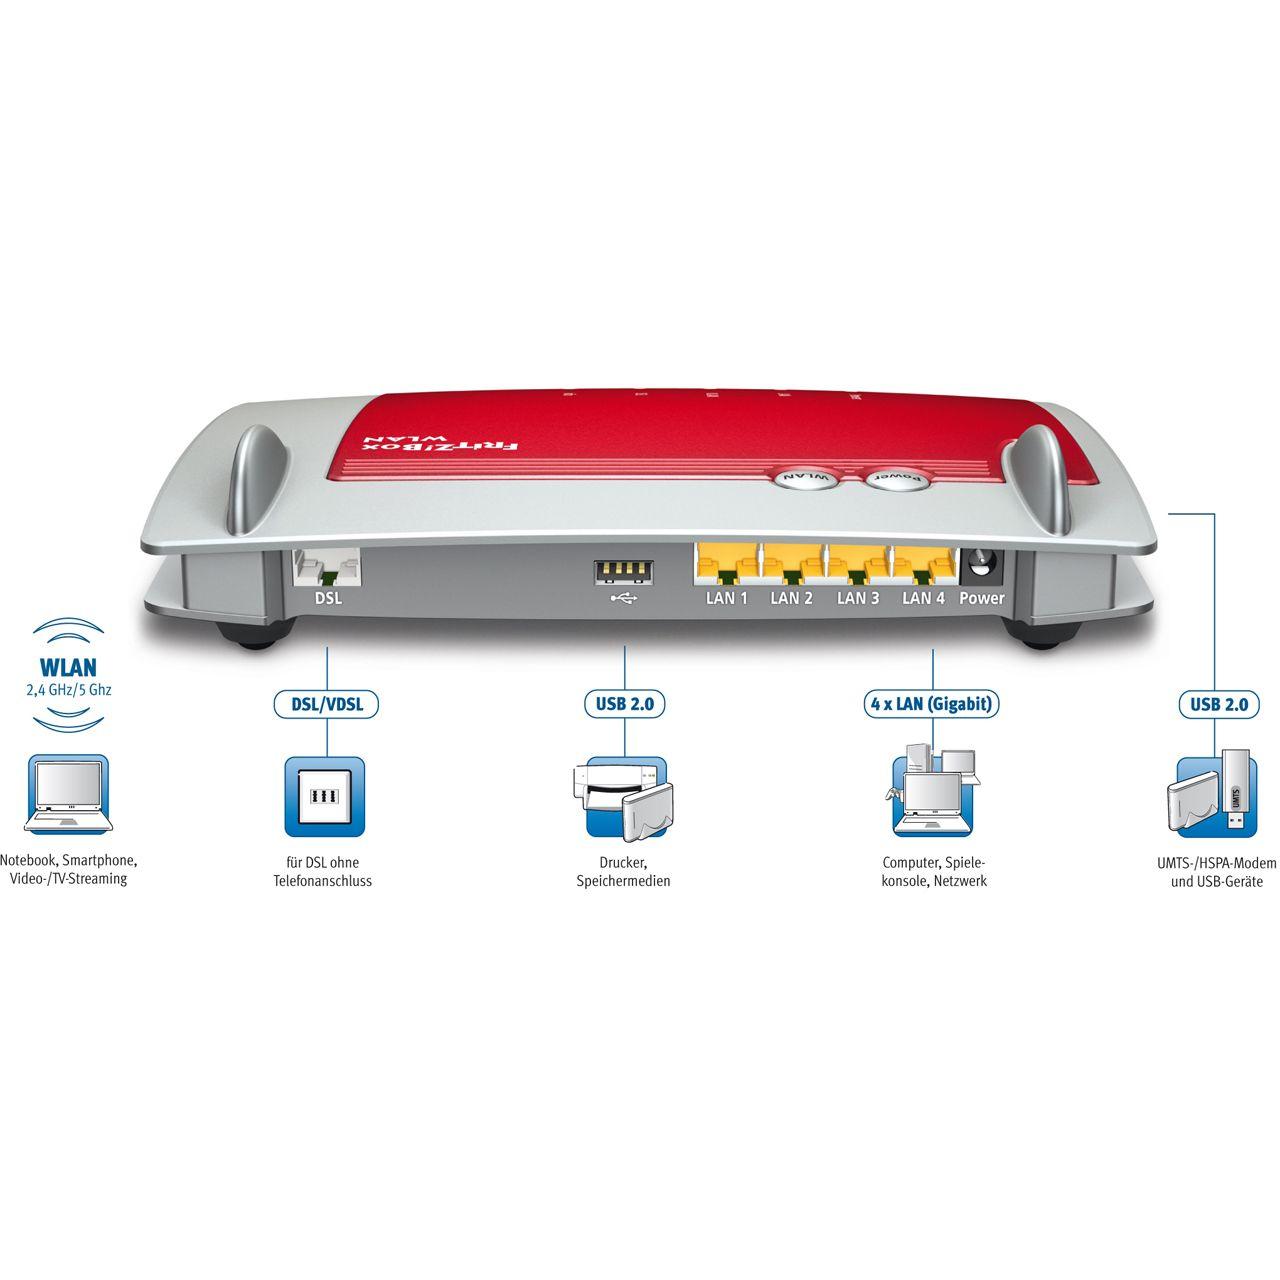 AVM FRITZBox 3370 WLAN-Router/DSL-Modem für VDSL - WLAN Router + ...